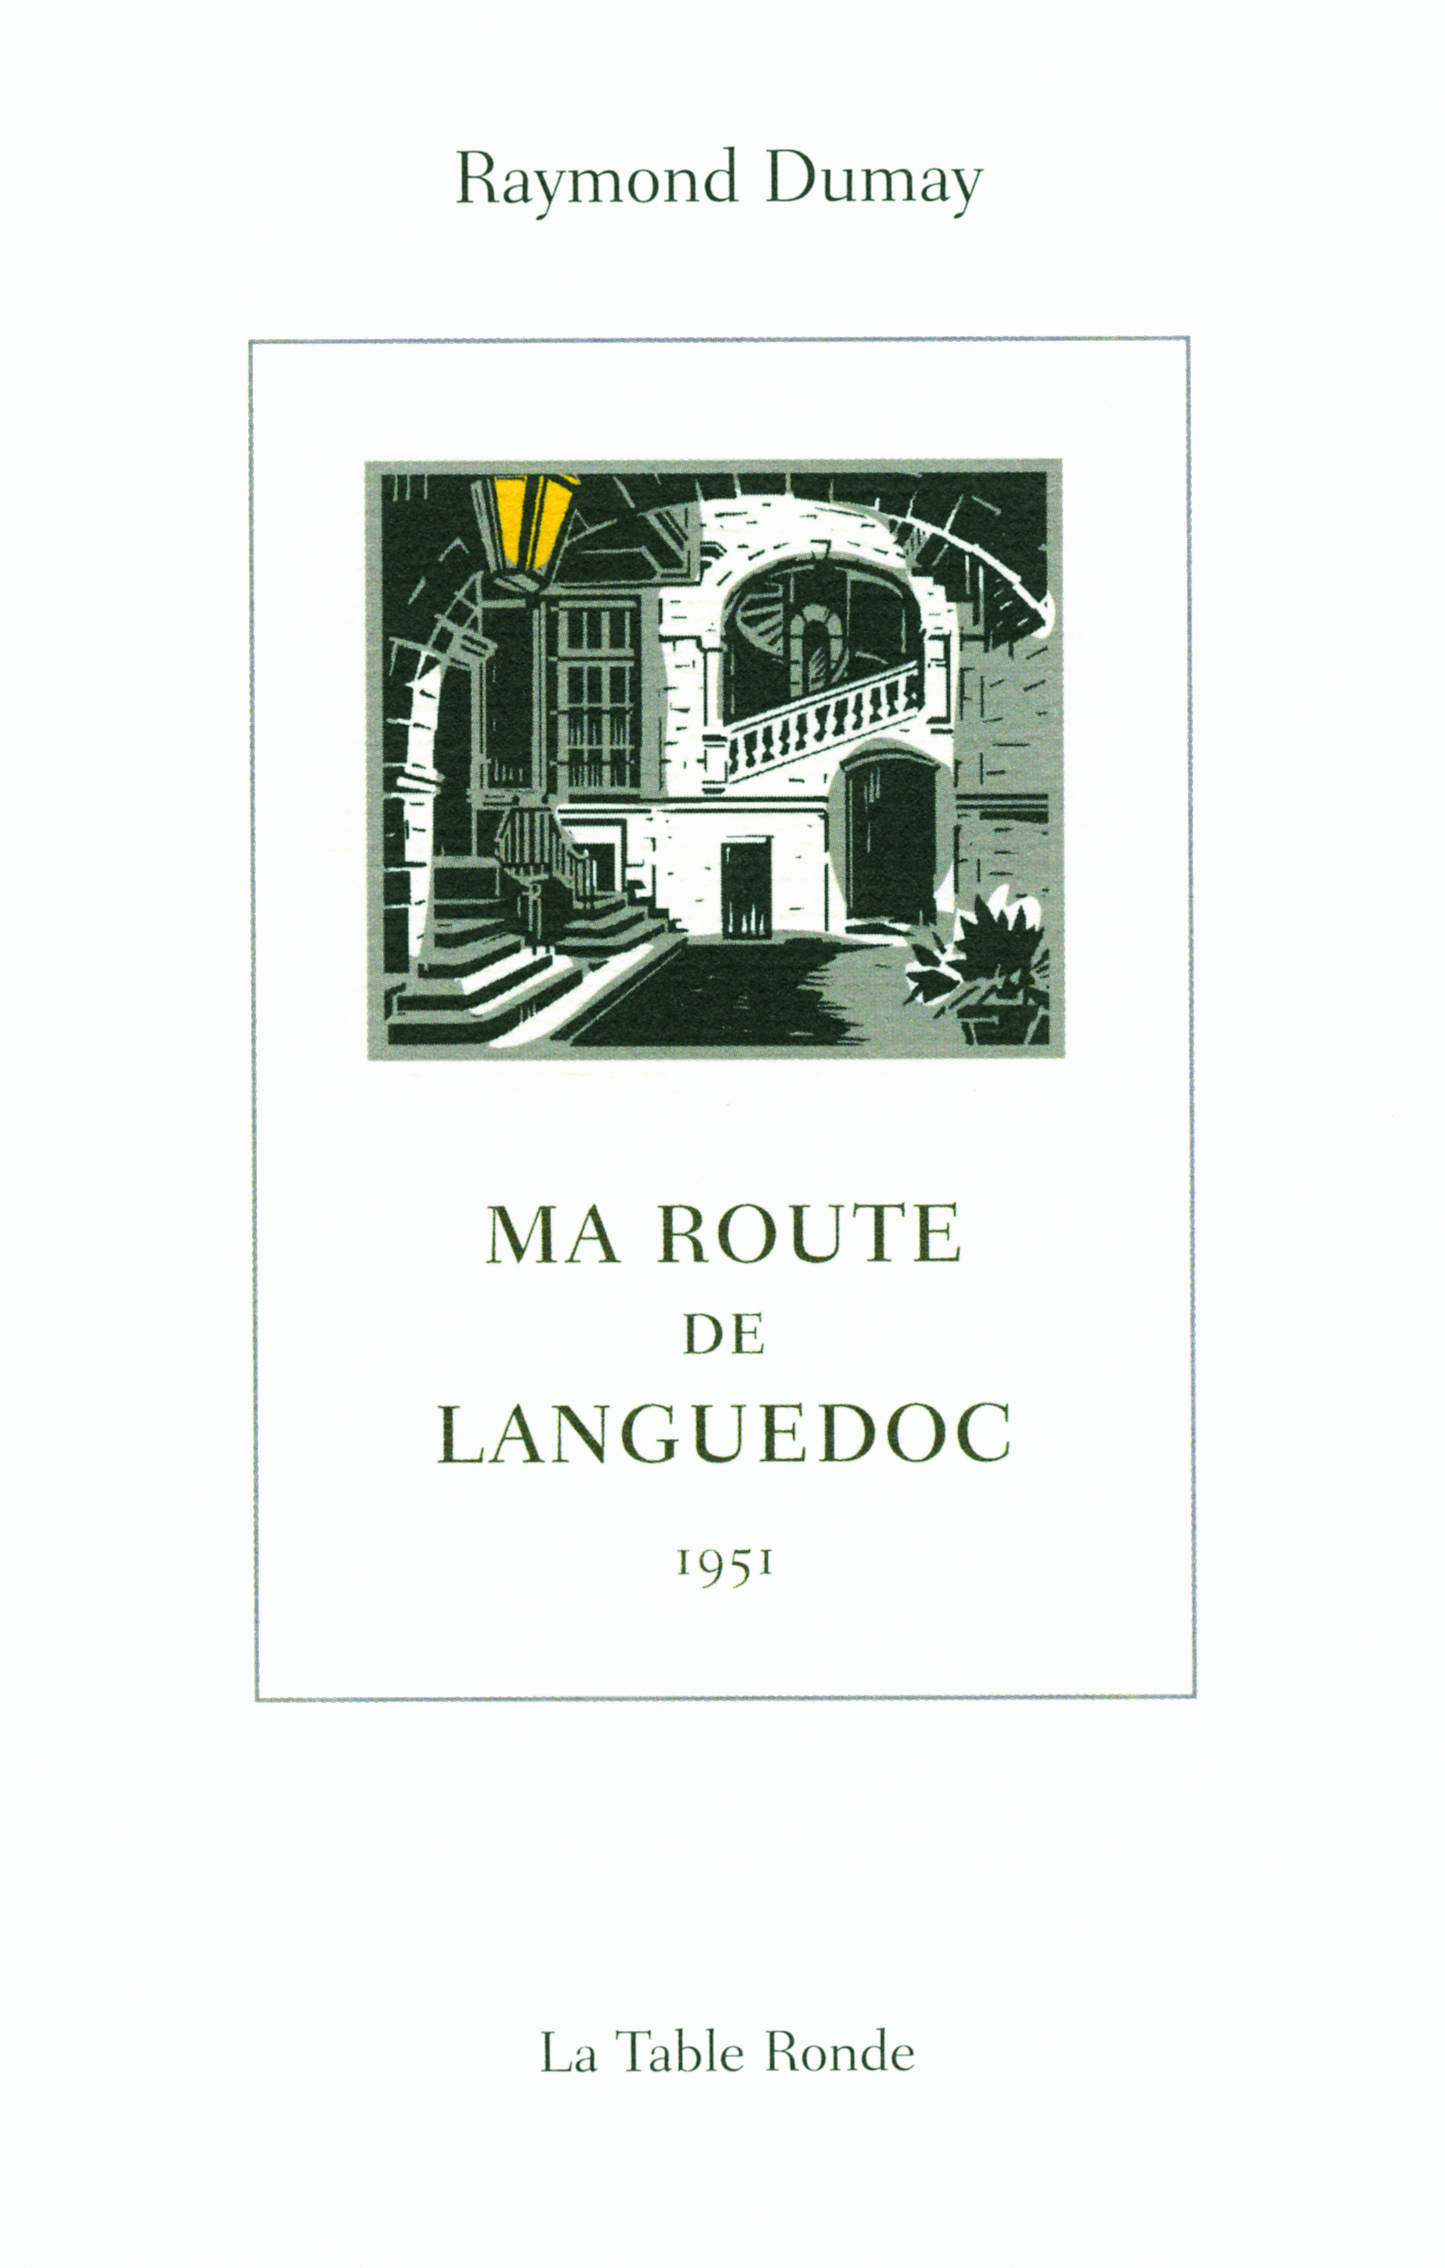 MA ROUTE DE LANGUEDOC - (1951)